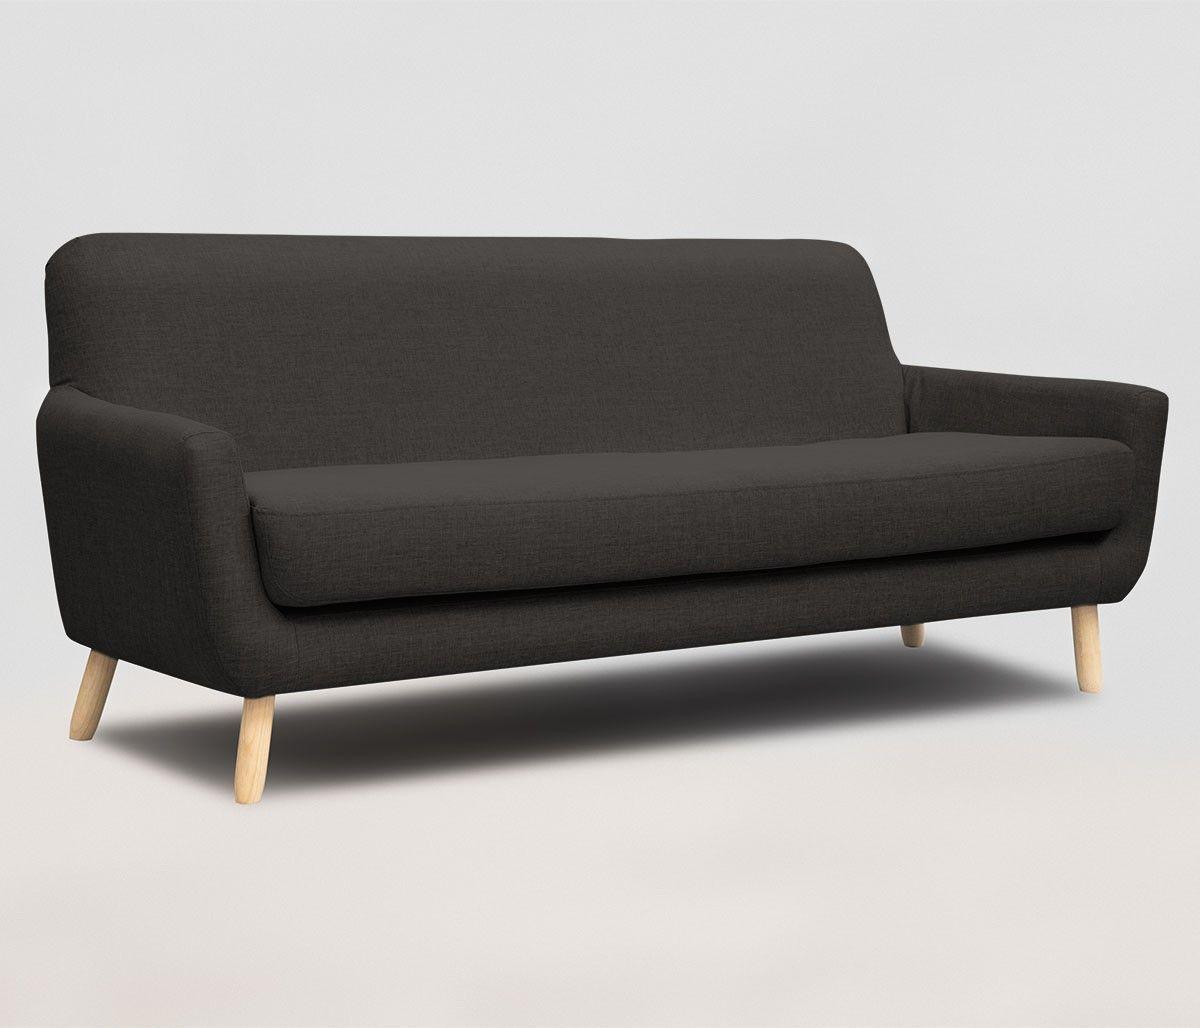 Sof Jitotol 3 Cuerpos Sentarse Muebles Mid Century Modern  # Muebles Falabella Santiago